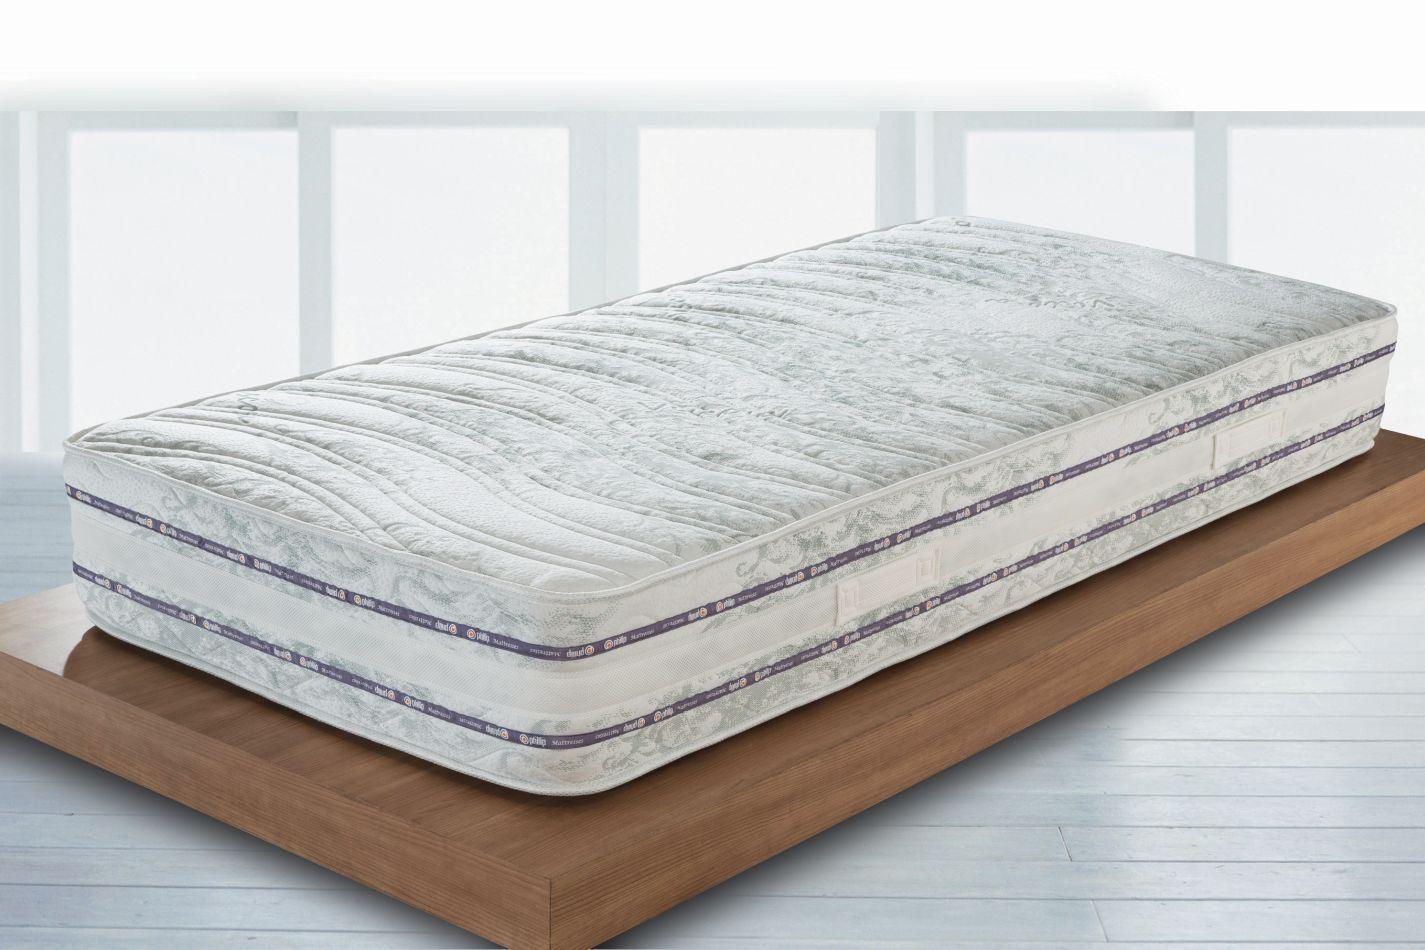 Matratze Balance mit Taschen Federkern - Abmessungen: 120 x 200 cm